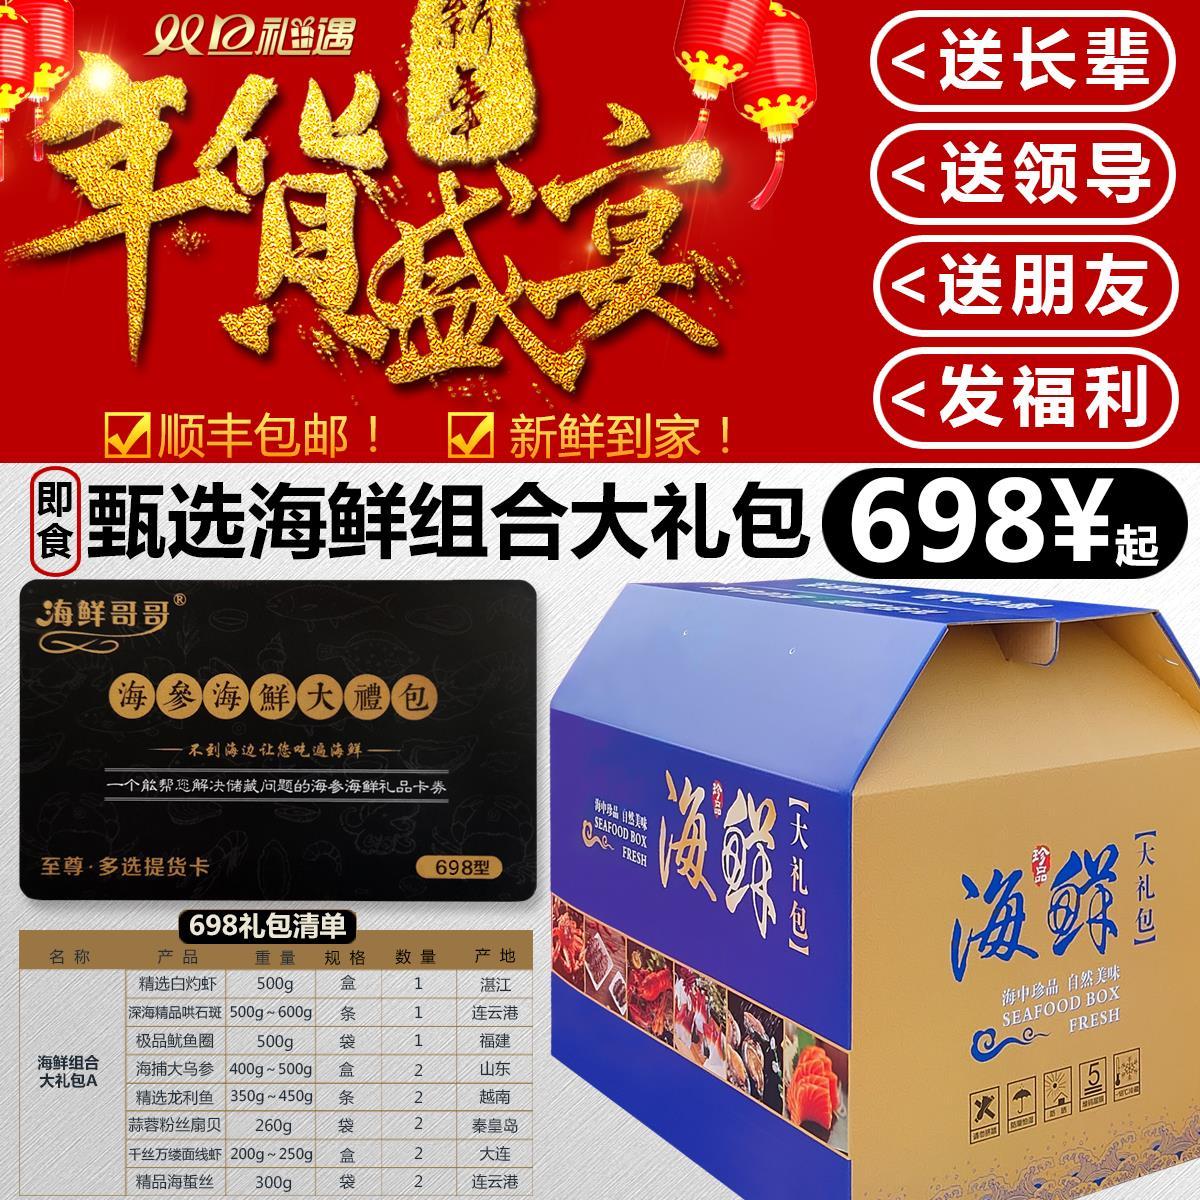 海鲜礼券598提货卡 春节企业定制商务礼品卡�� 生鲜礼盒全国